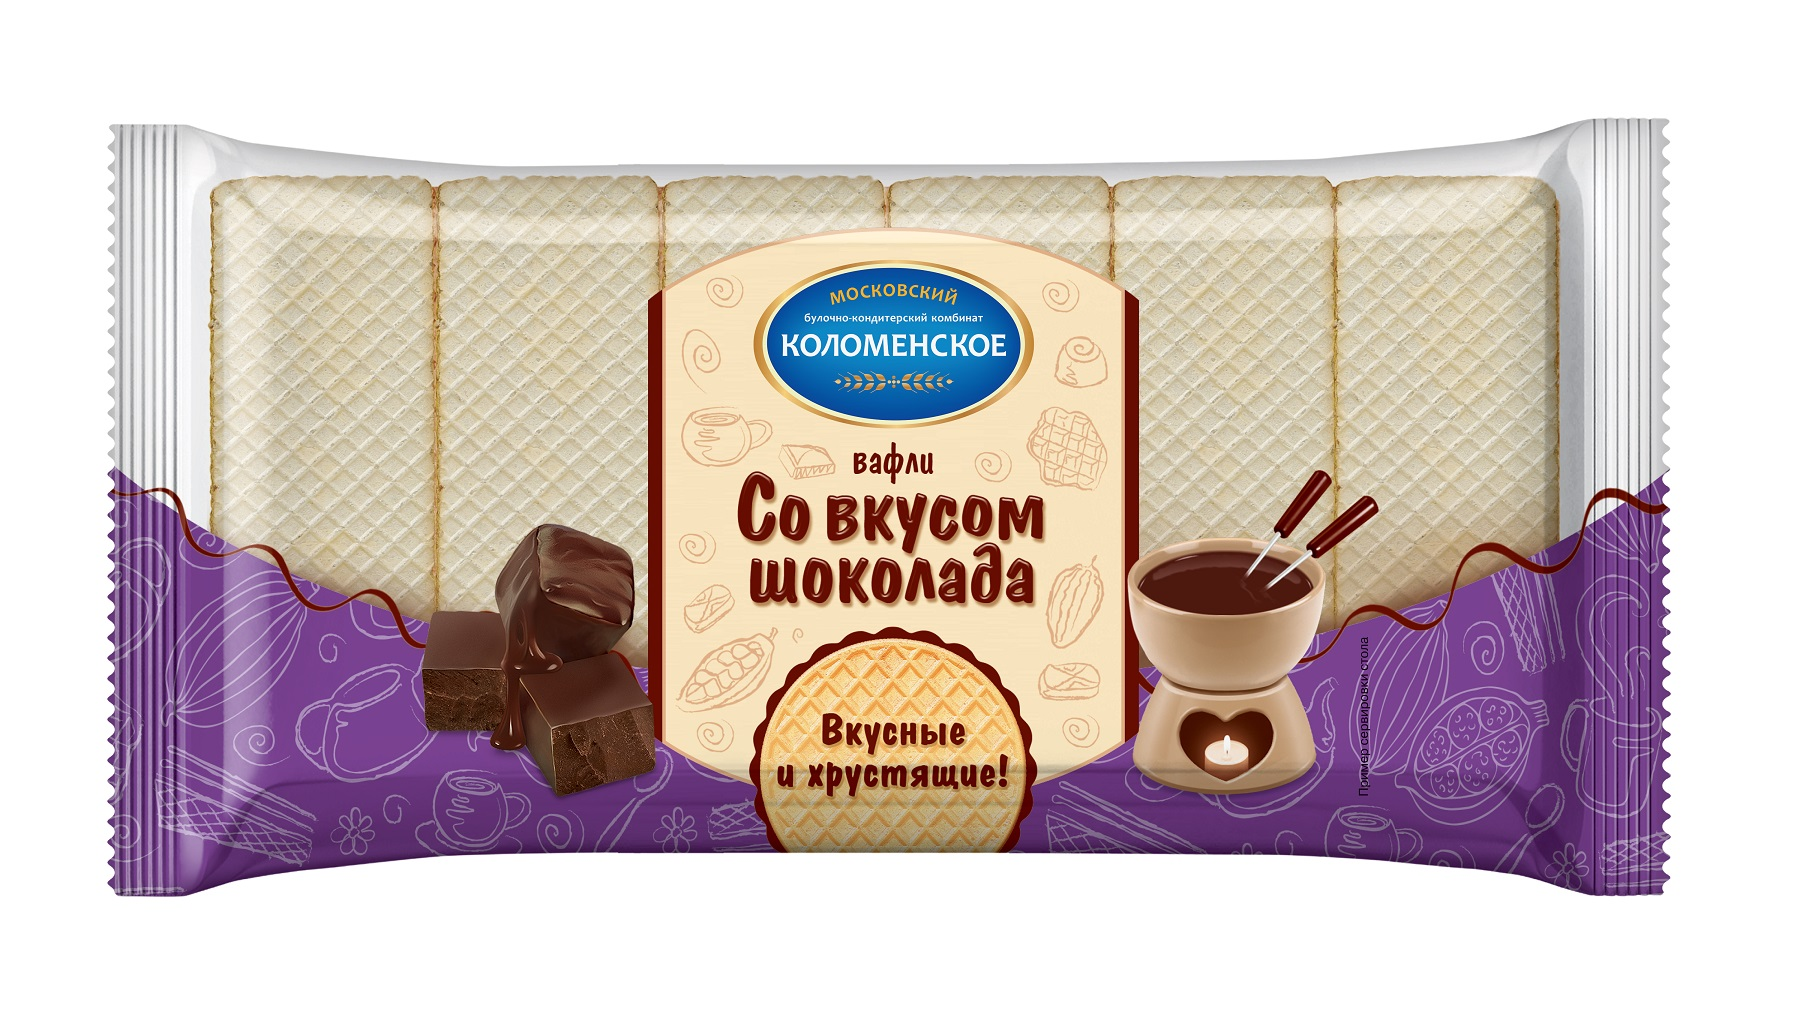 Вафли Шоколадный вкус Коломенское